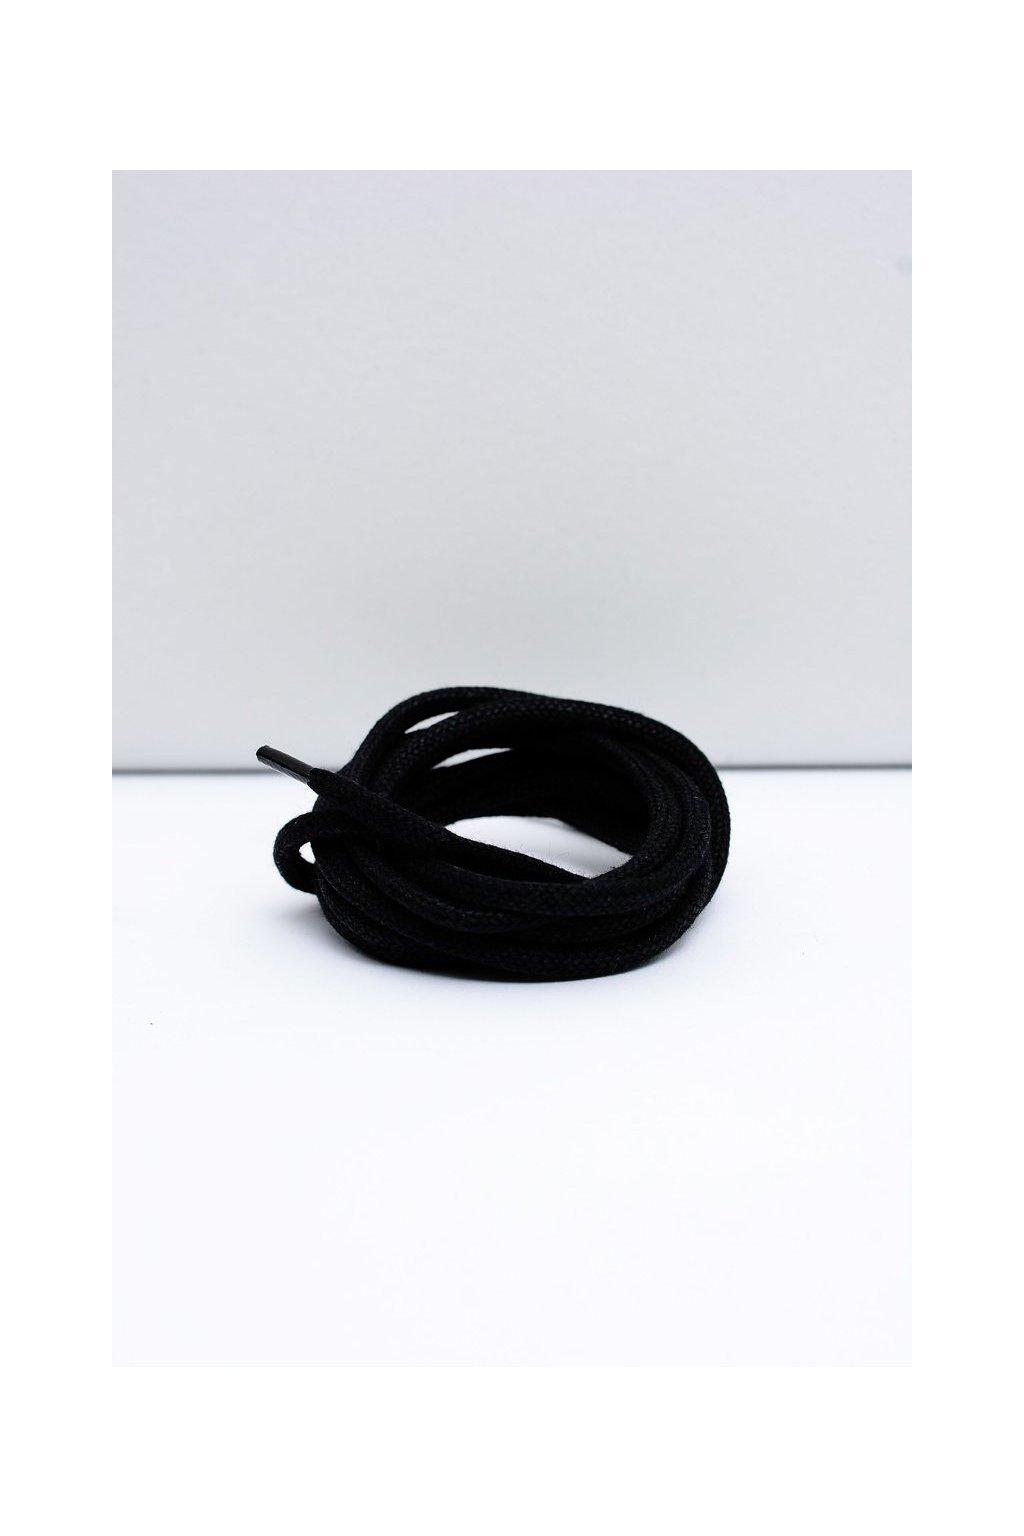 Šnúrky do topánok farba čierna kód Okrągłe grube wosk czarne